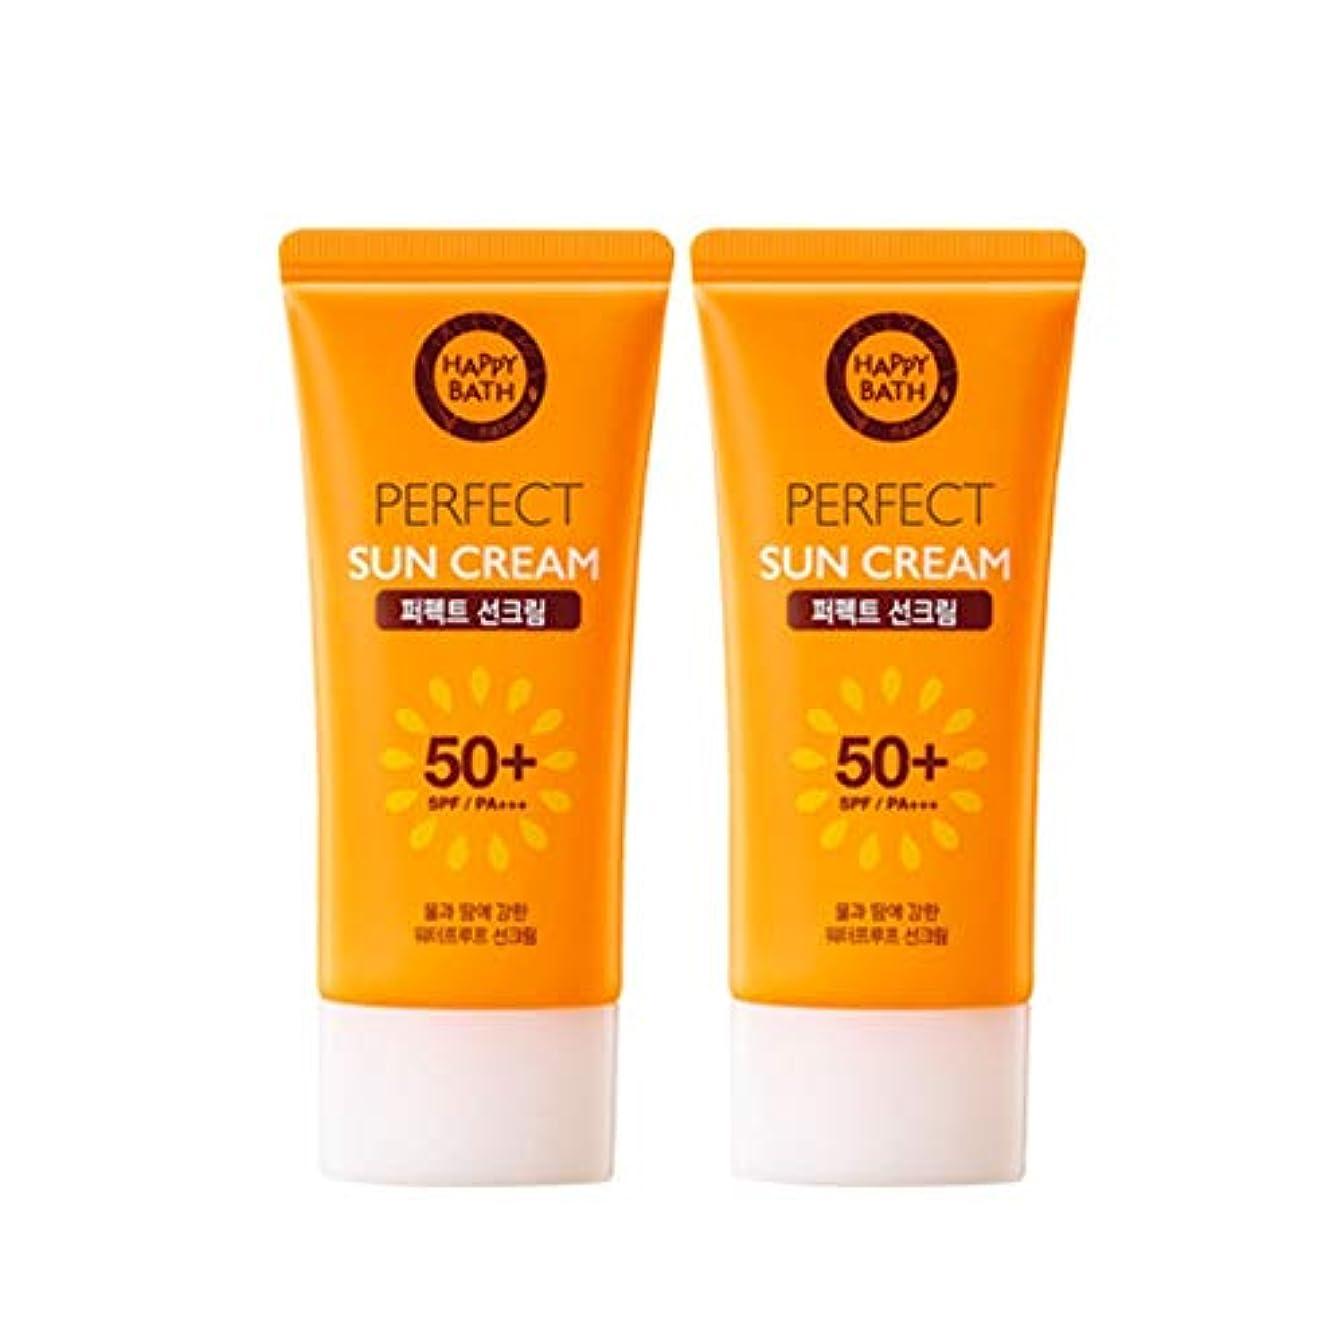 明らかインキュバス顎ハッピーバスパーフェクトサンクリーム 80gx2本セット韓国コスメ、Happy Bath Perfect Sun Cream 80g x 2ea Set Korean Cosmetics [並行輸入品]